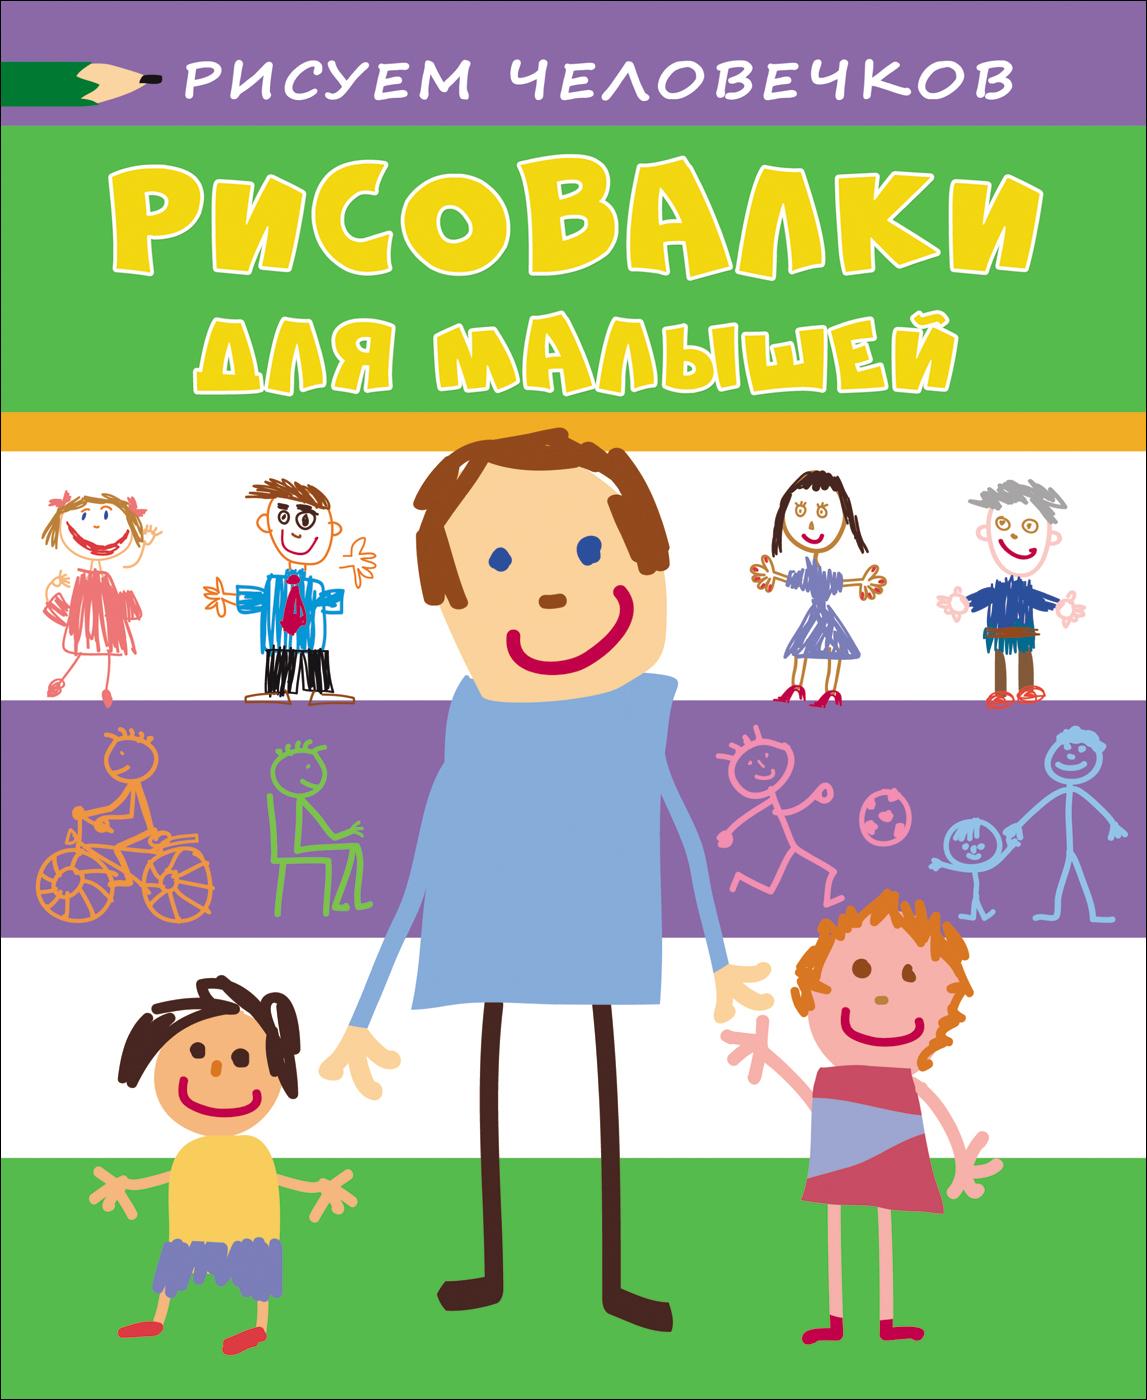 Книжка-раскраска - Рисовалки для малышей. Рисуем человечковКниги для детского творчества<br>Книжка-раскраска - Рисовалки для малышей. Рисуем человечков<br>